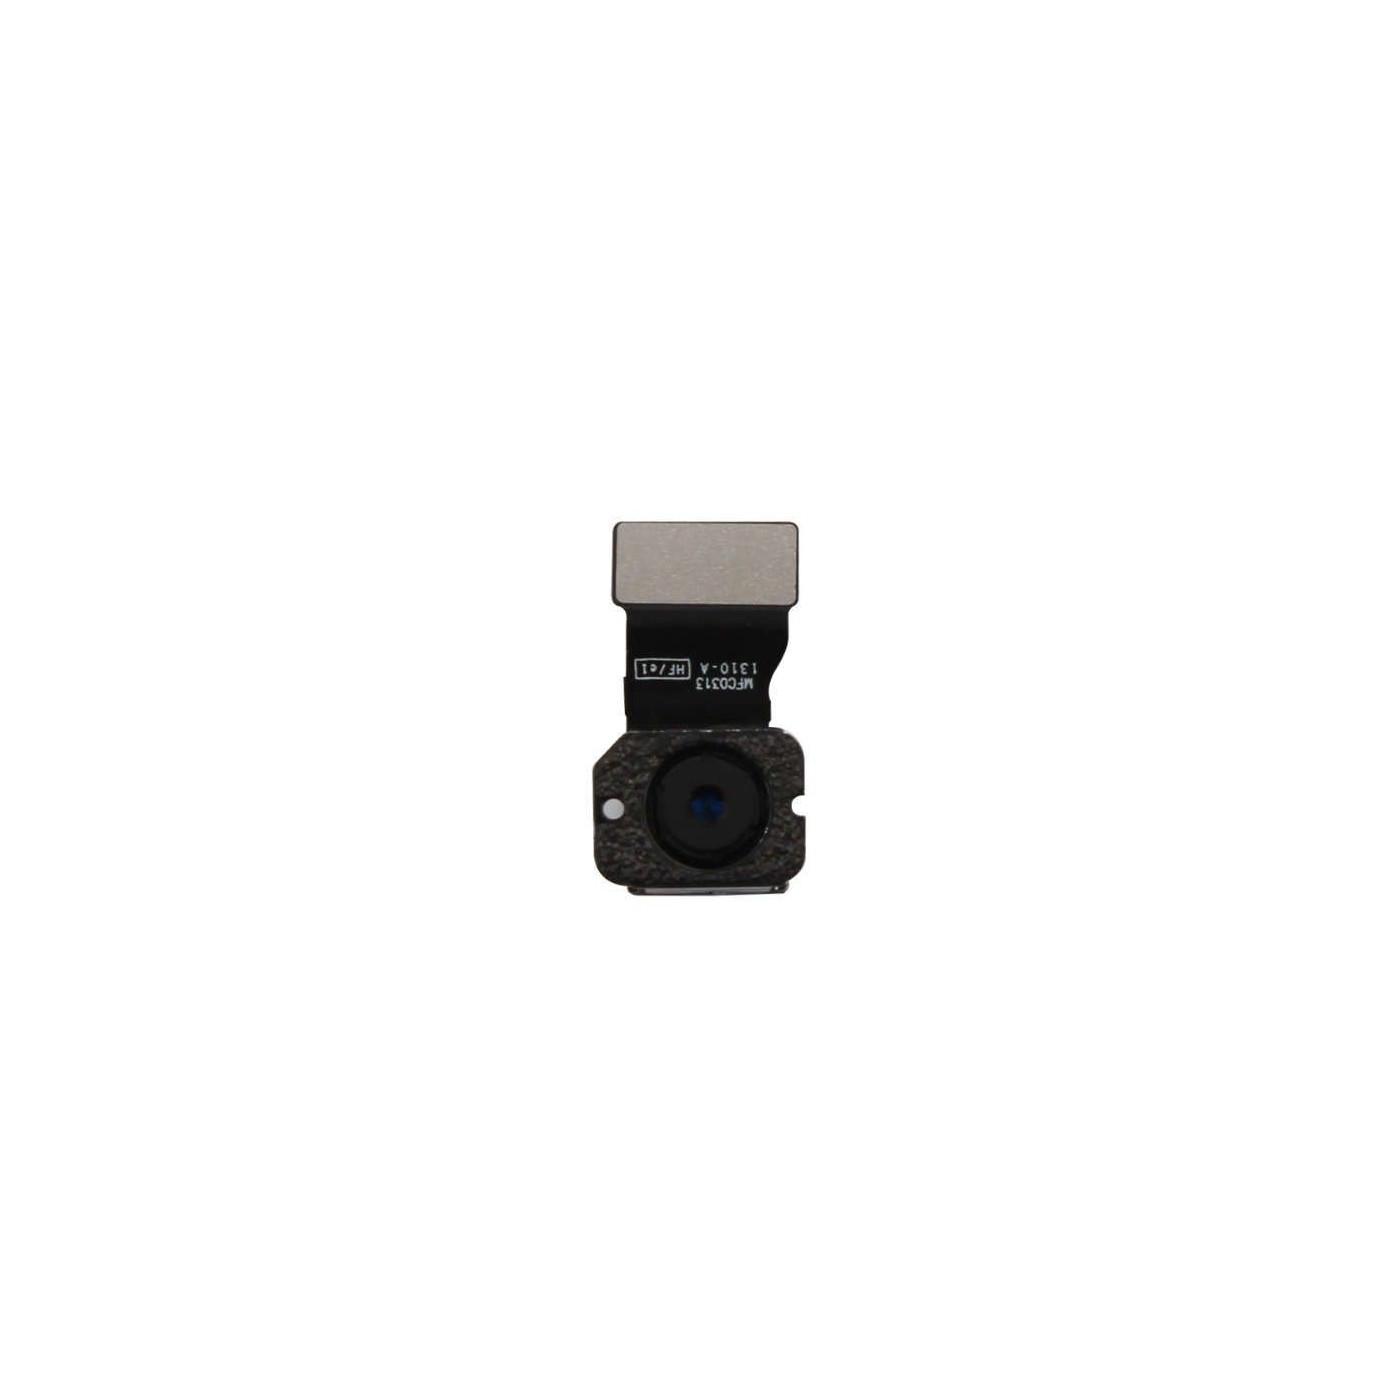 Fotocamera posteriore per apple ipad 3 ipad 4 retro dietro ricambio